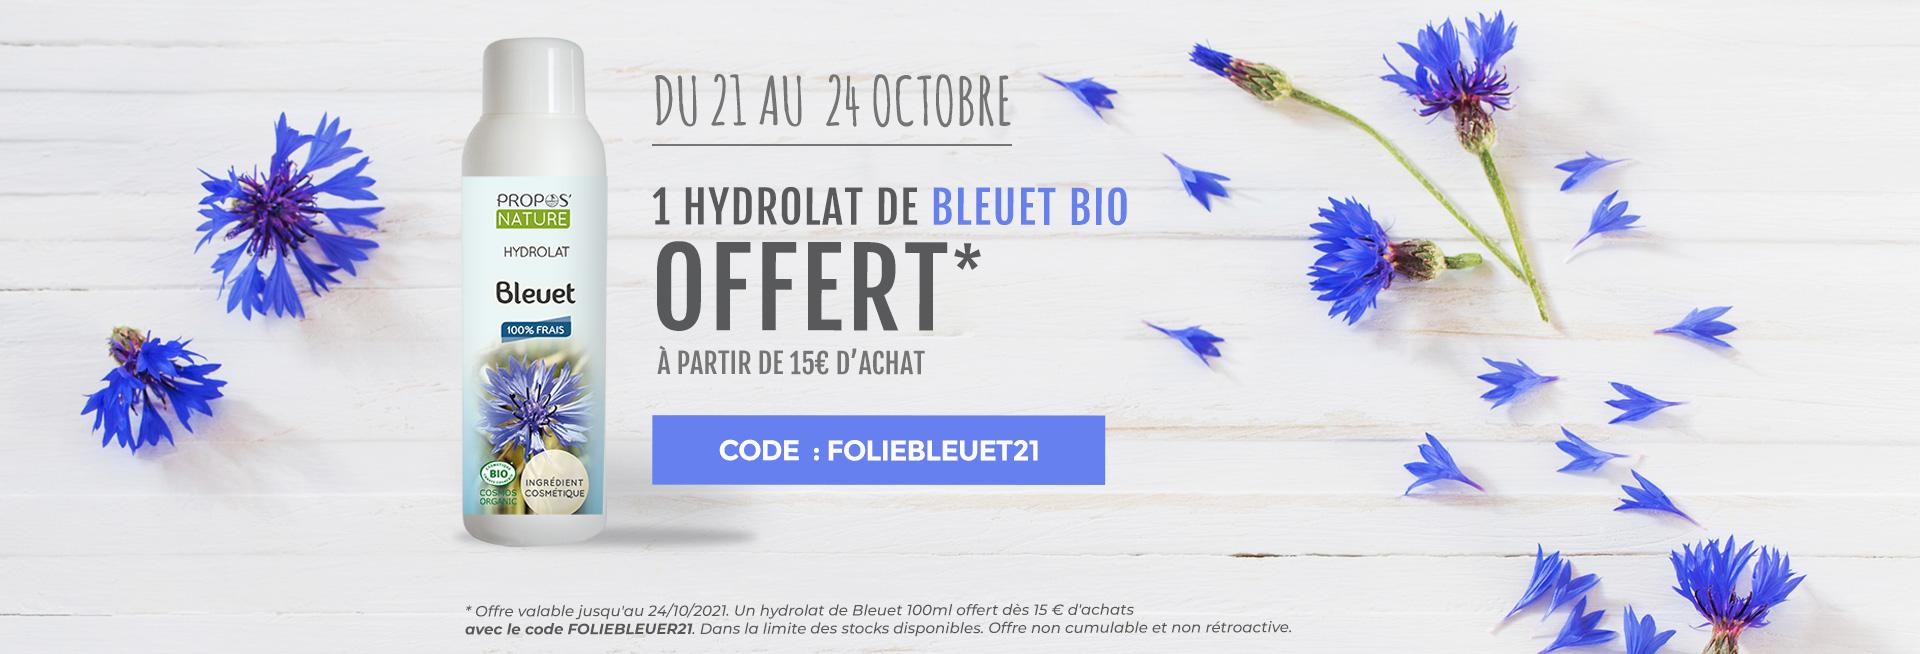 Un hydrolat de bleuet bio OFFERT